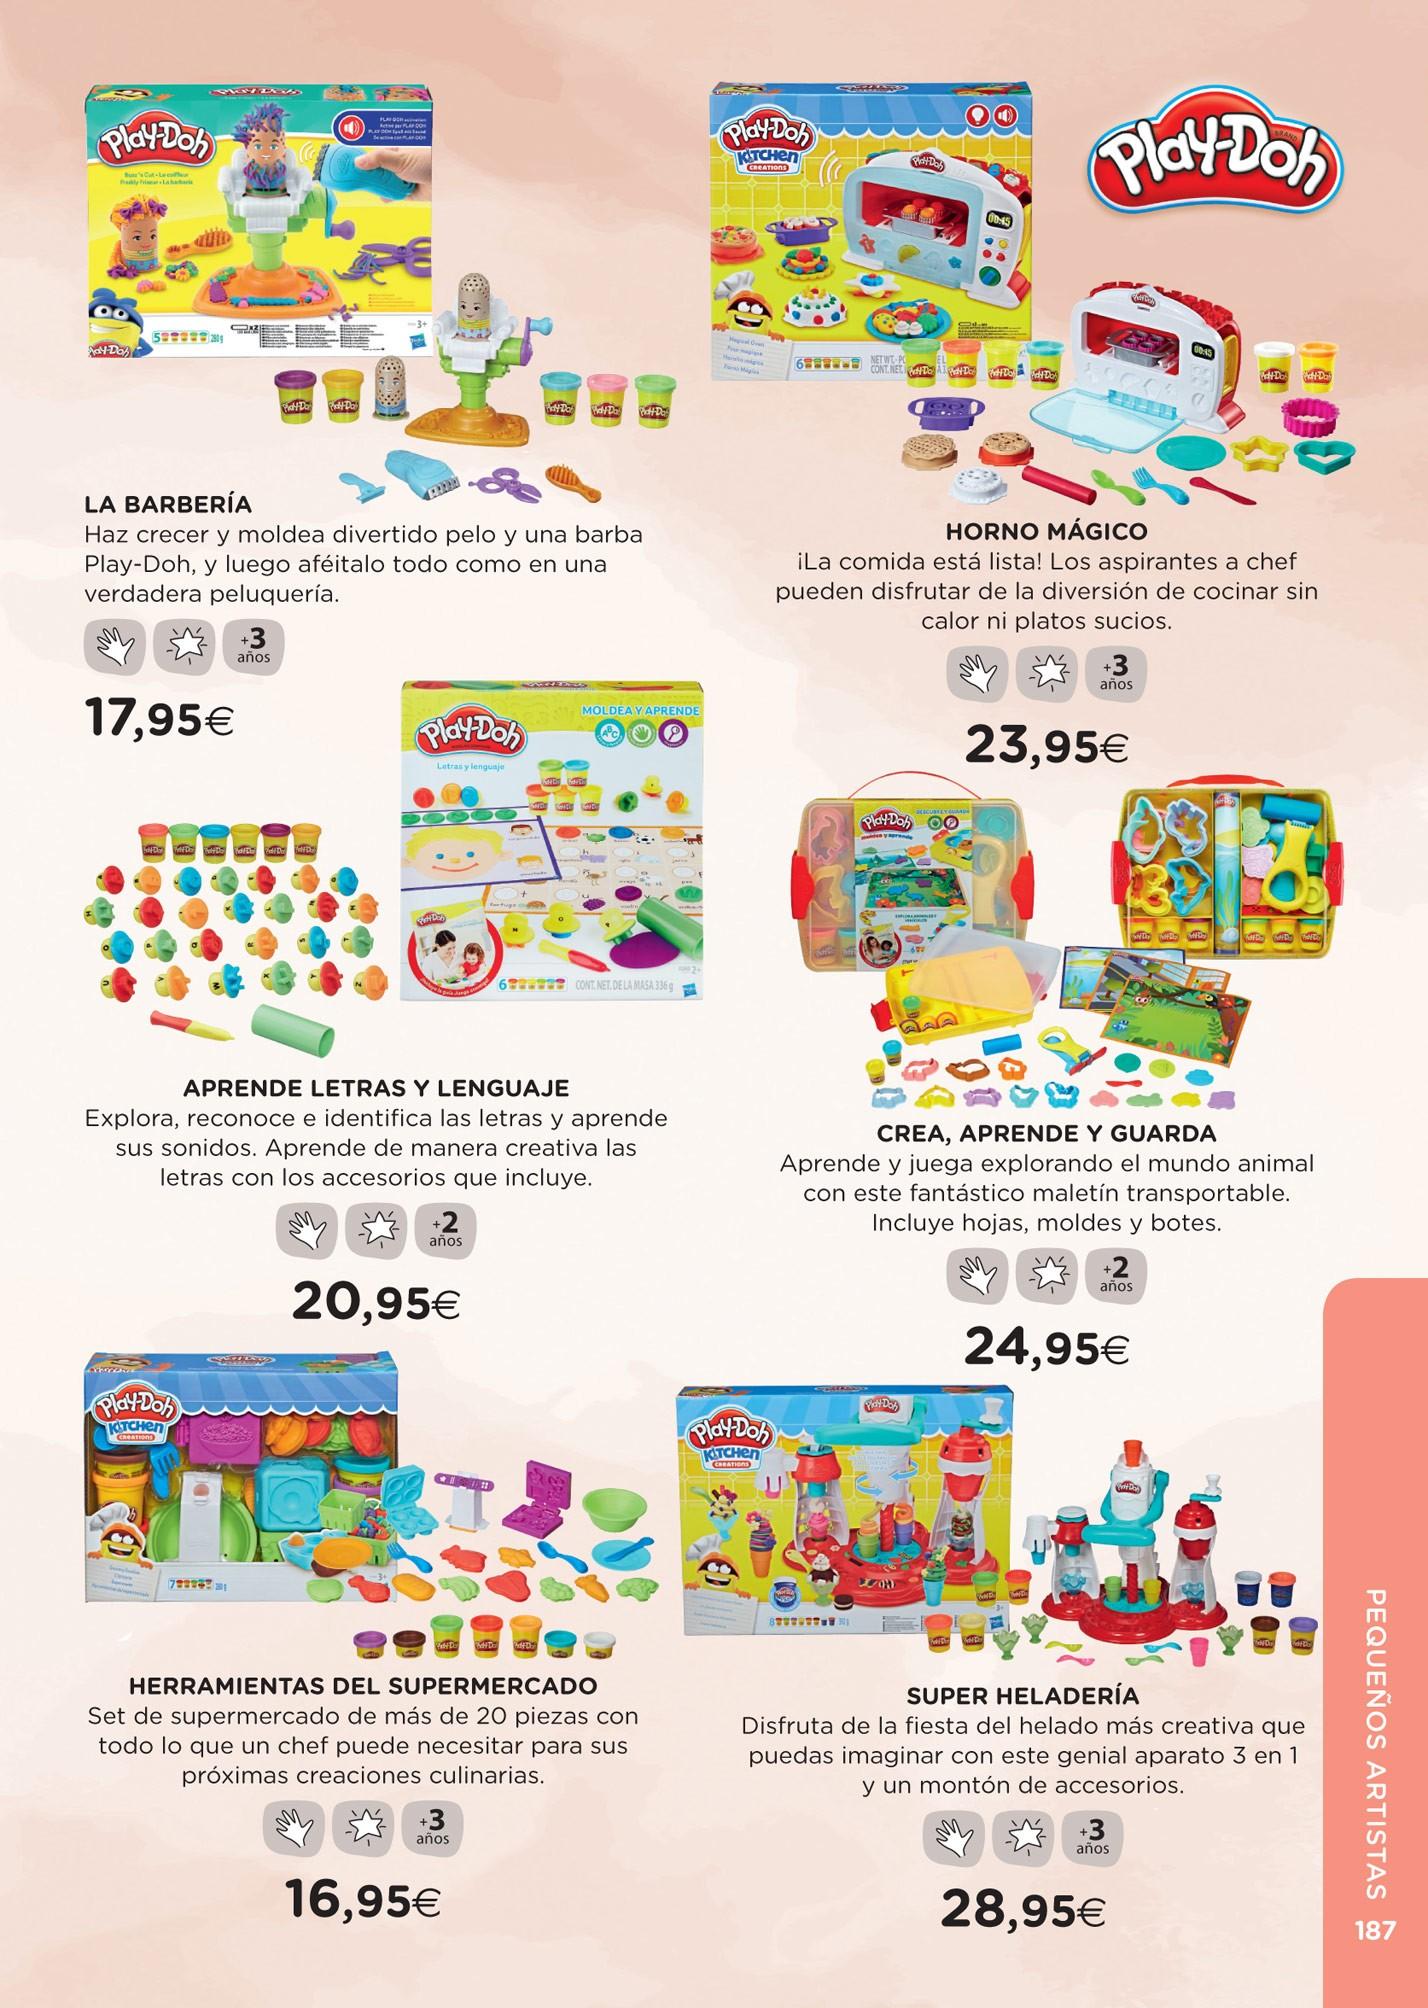 Calendario 2019 Escolar Caba Más Populares Catálogos Juguetes · El Corte Inglés Of Calendario 2019 Escolar Caba Más Caliente Colegio La Piedad